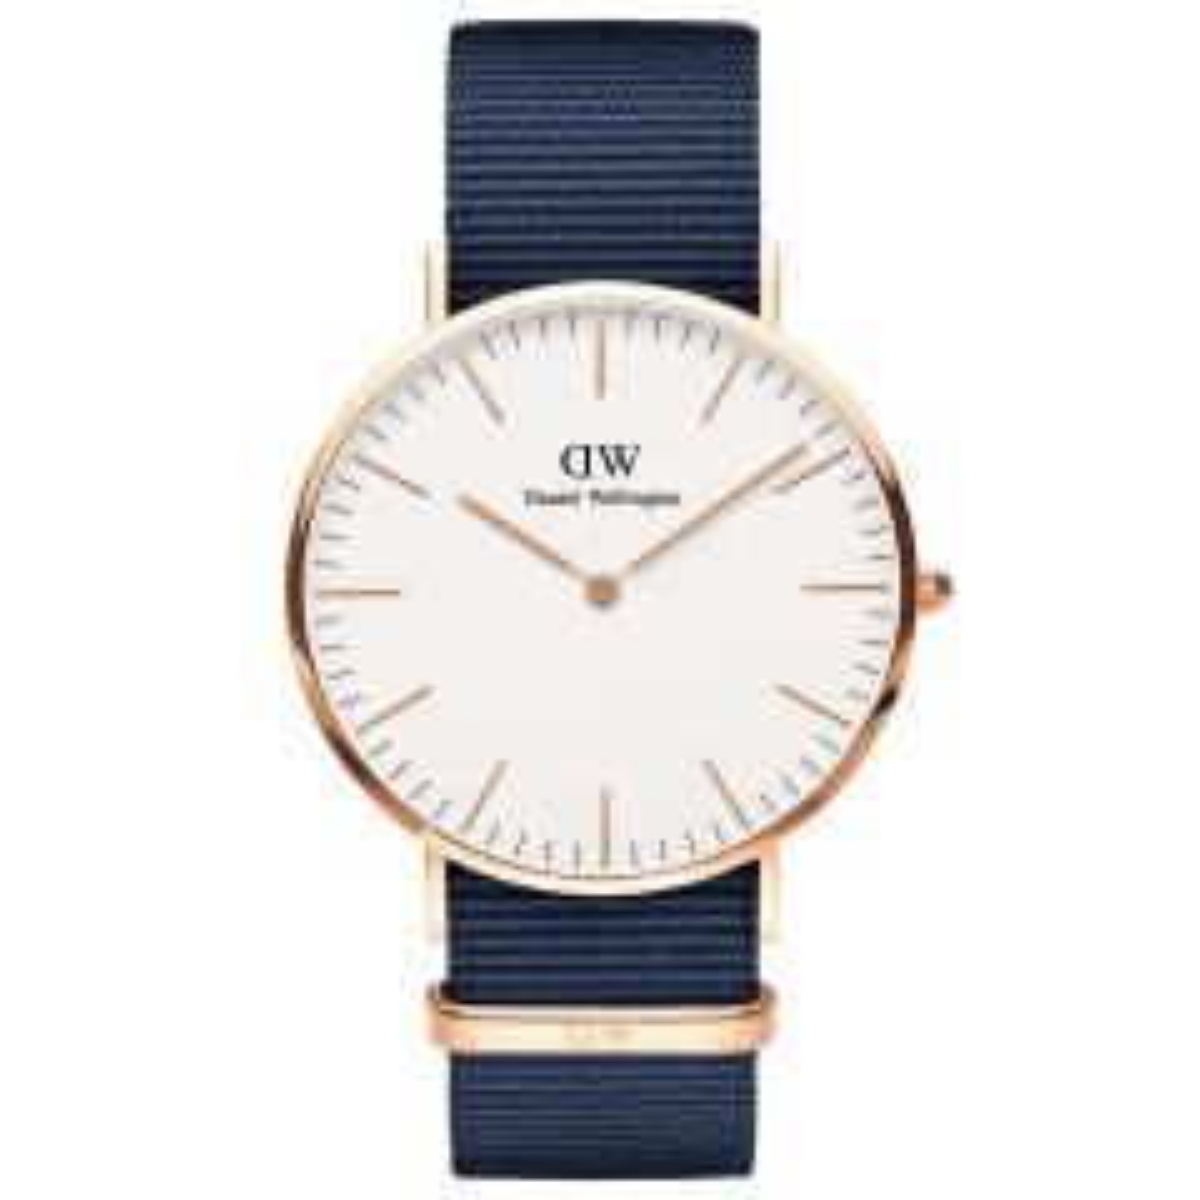 ساعت مچی عقربه ای مردانه مدل بیز واتر کد DW-1204 1